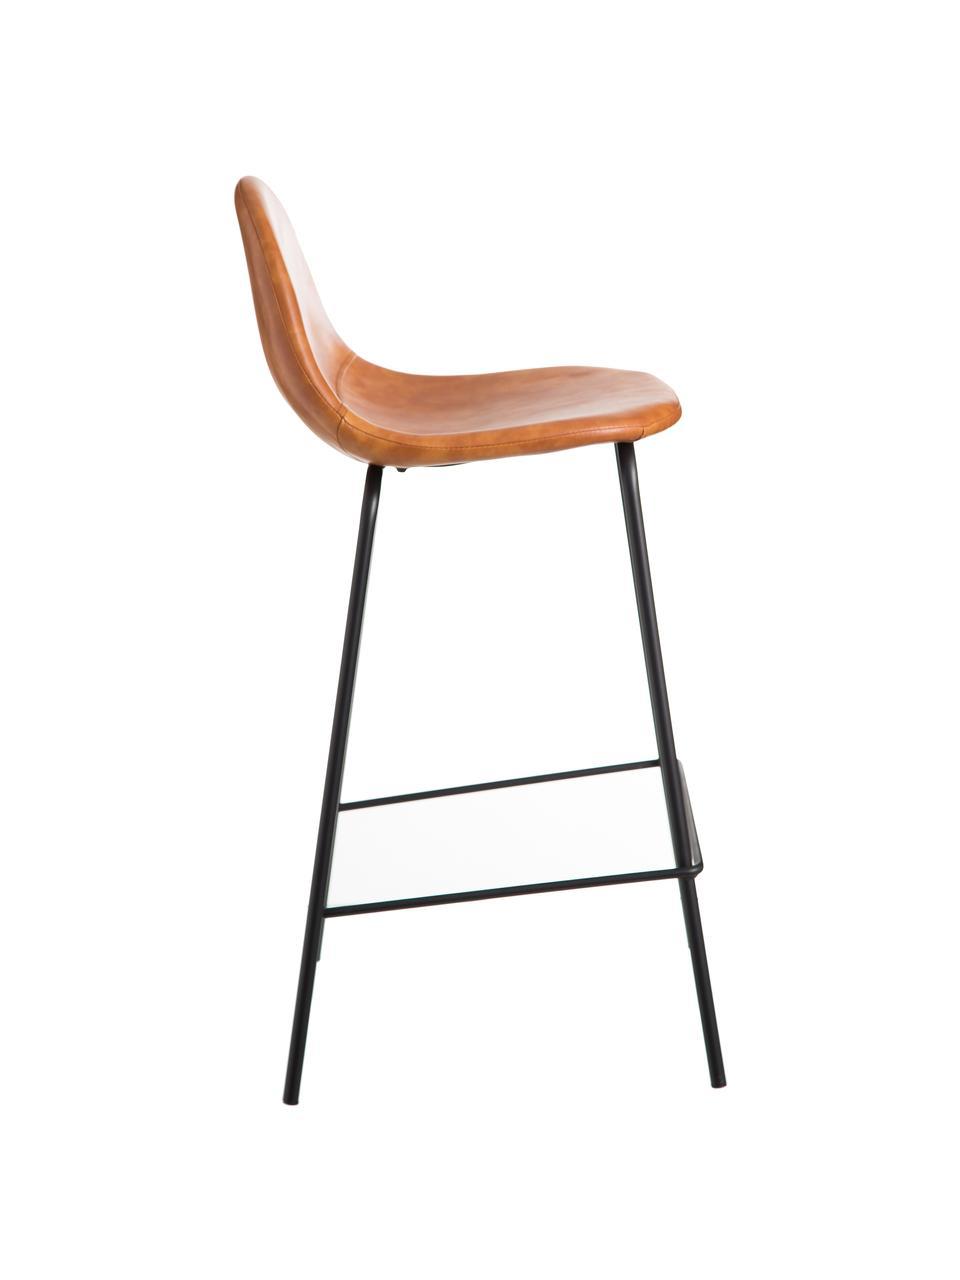 Krzesło barowe ze sztucznej skóry Adeline, Tapicerka: sztuczna skóra (poliureta, Nogi: metal, Karmelowy brązowy, czarny, S 42 x W 87 cm